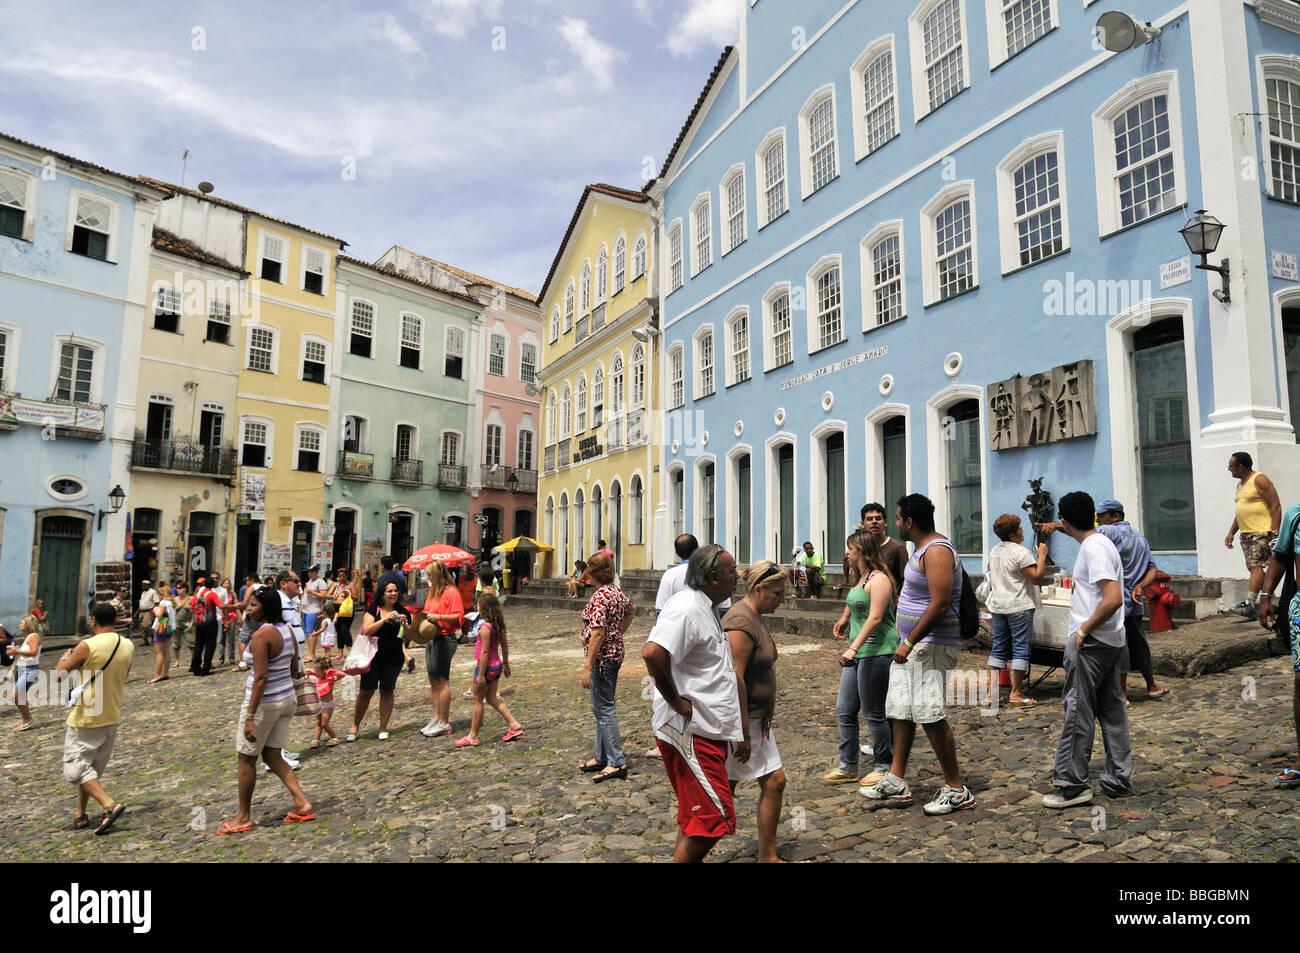 Largo do pelourinho square and museum funda o casa de - Amado salvador ...